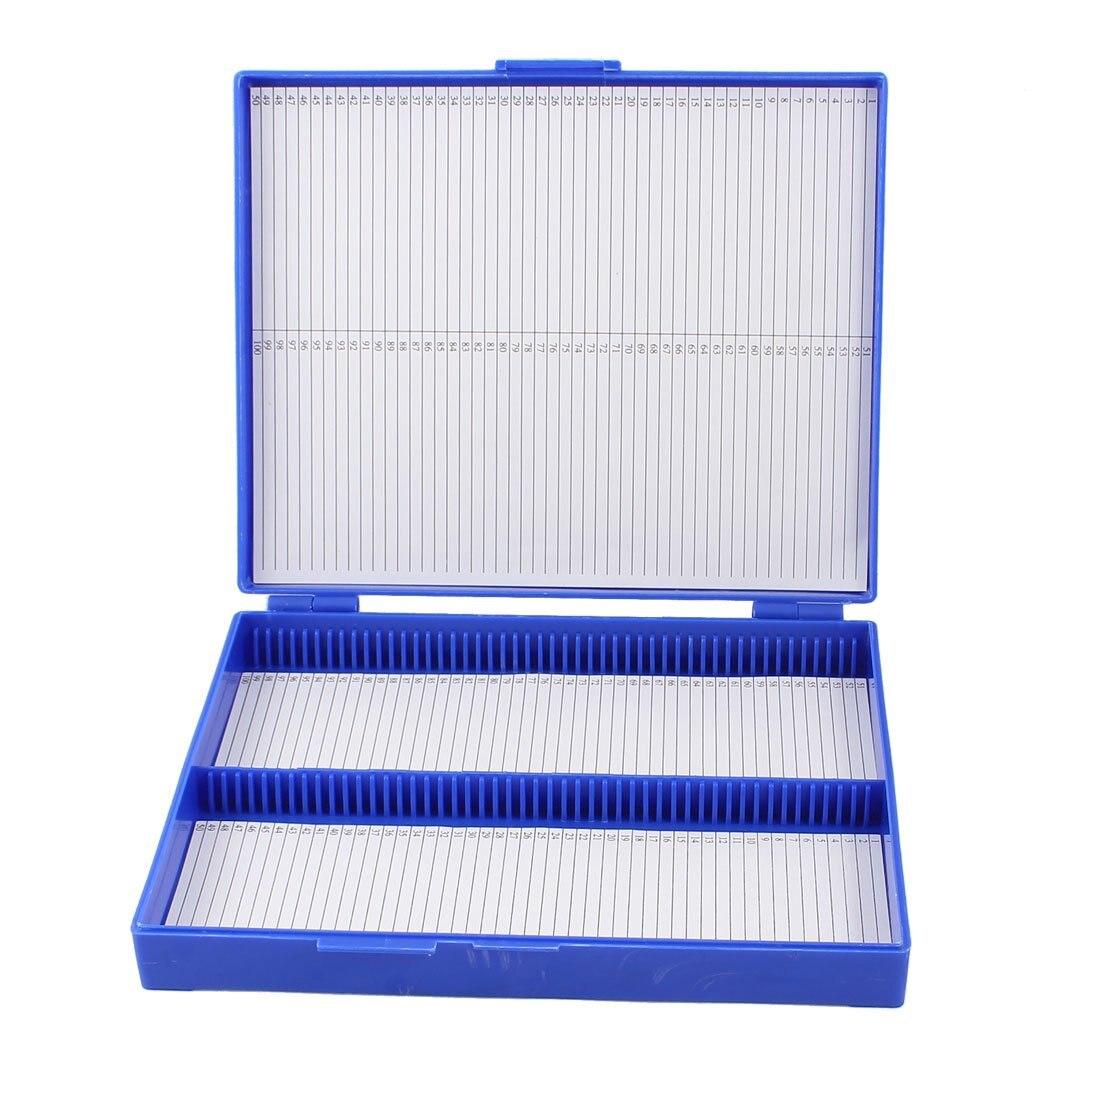 Royal Blue Plastic Rectangle Hold 100 Microslide Slide Microscope BoxRoyal Blue Plastic Rectangle Hold 100 Microslide Slide Microscope Box